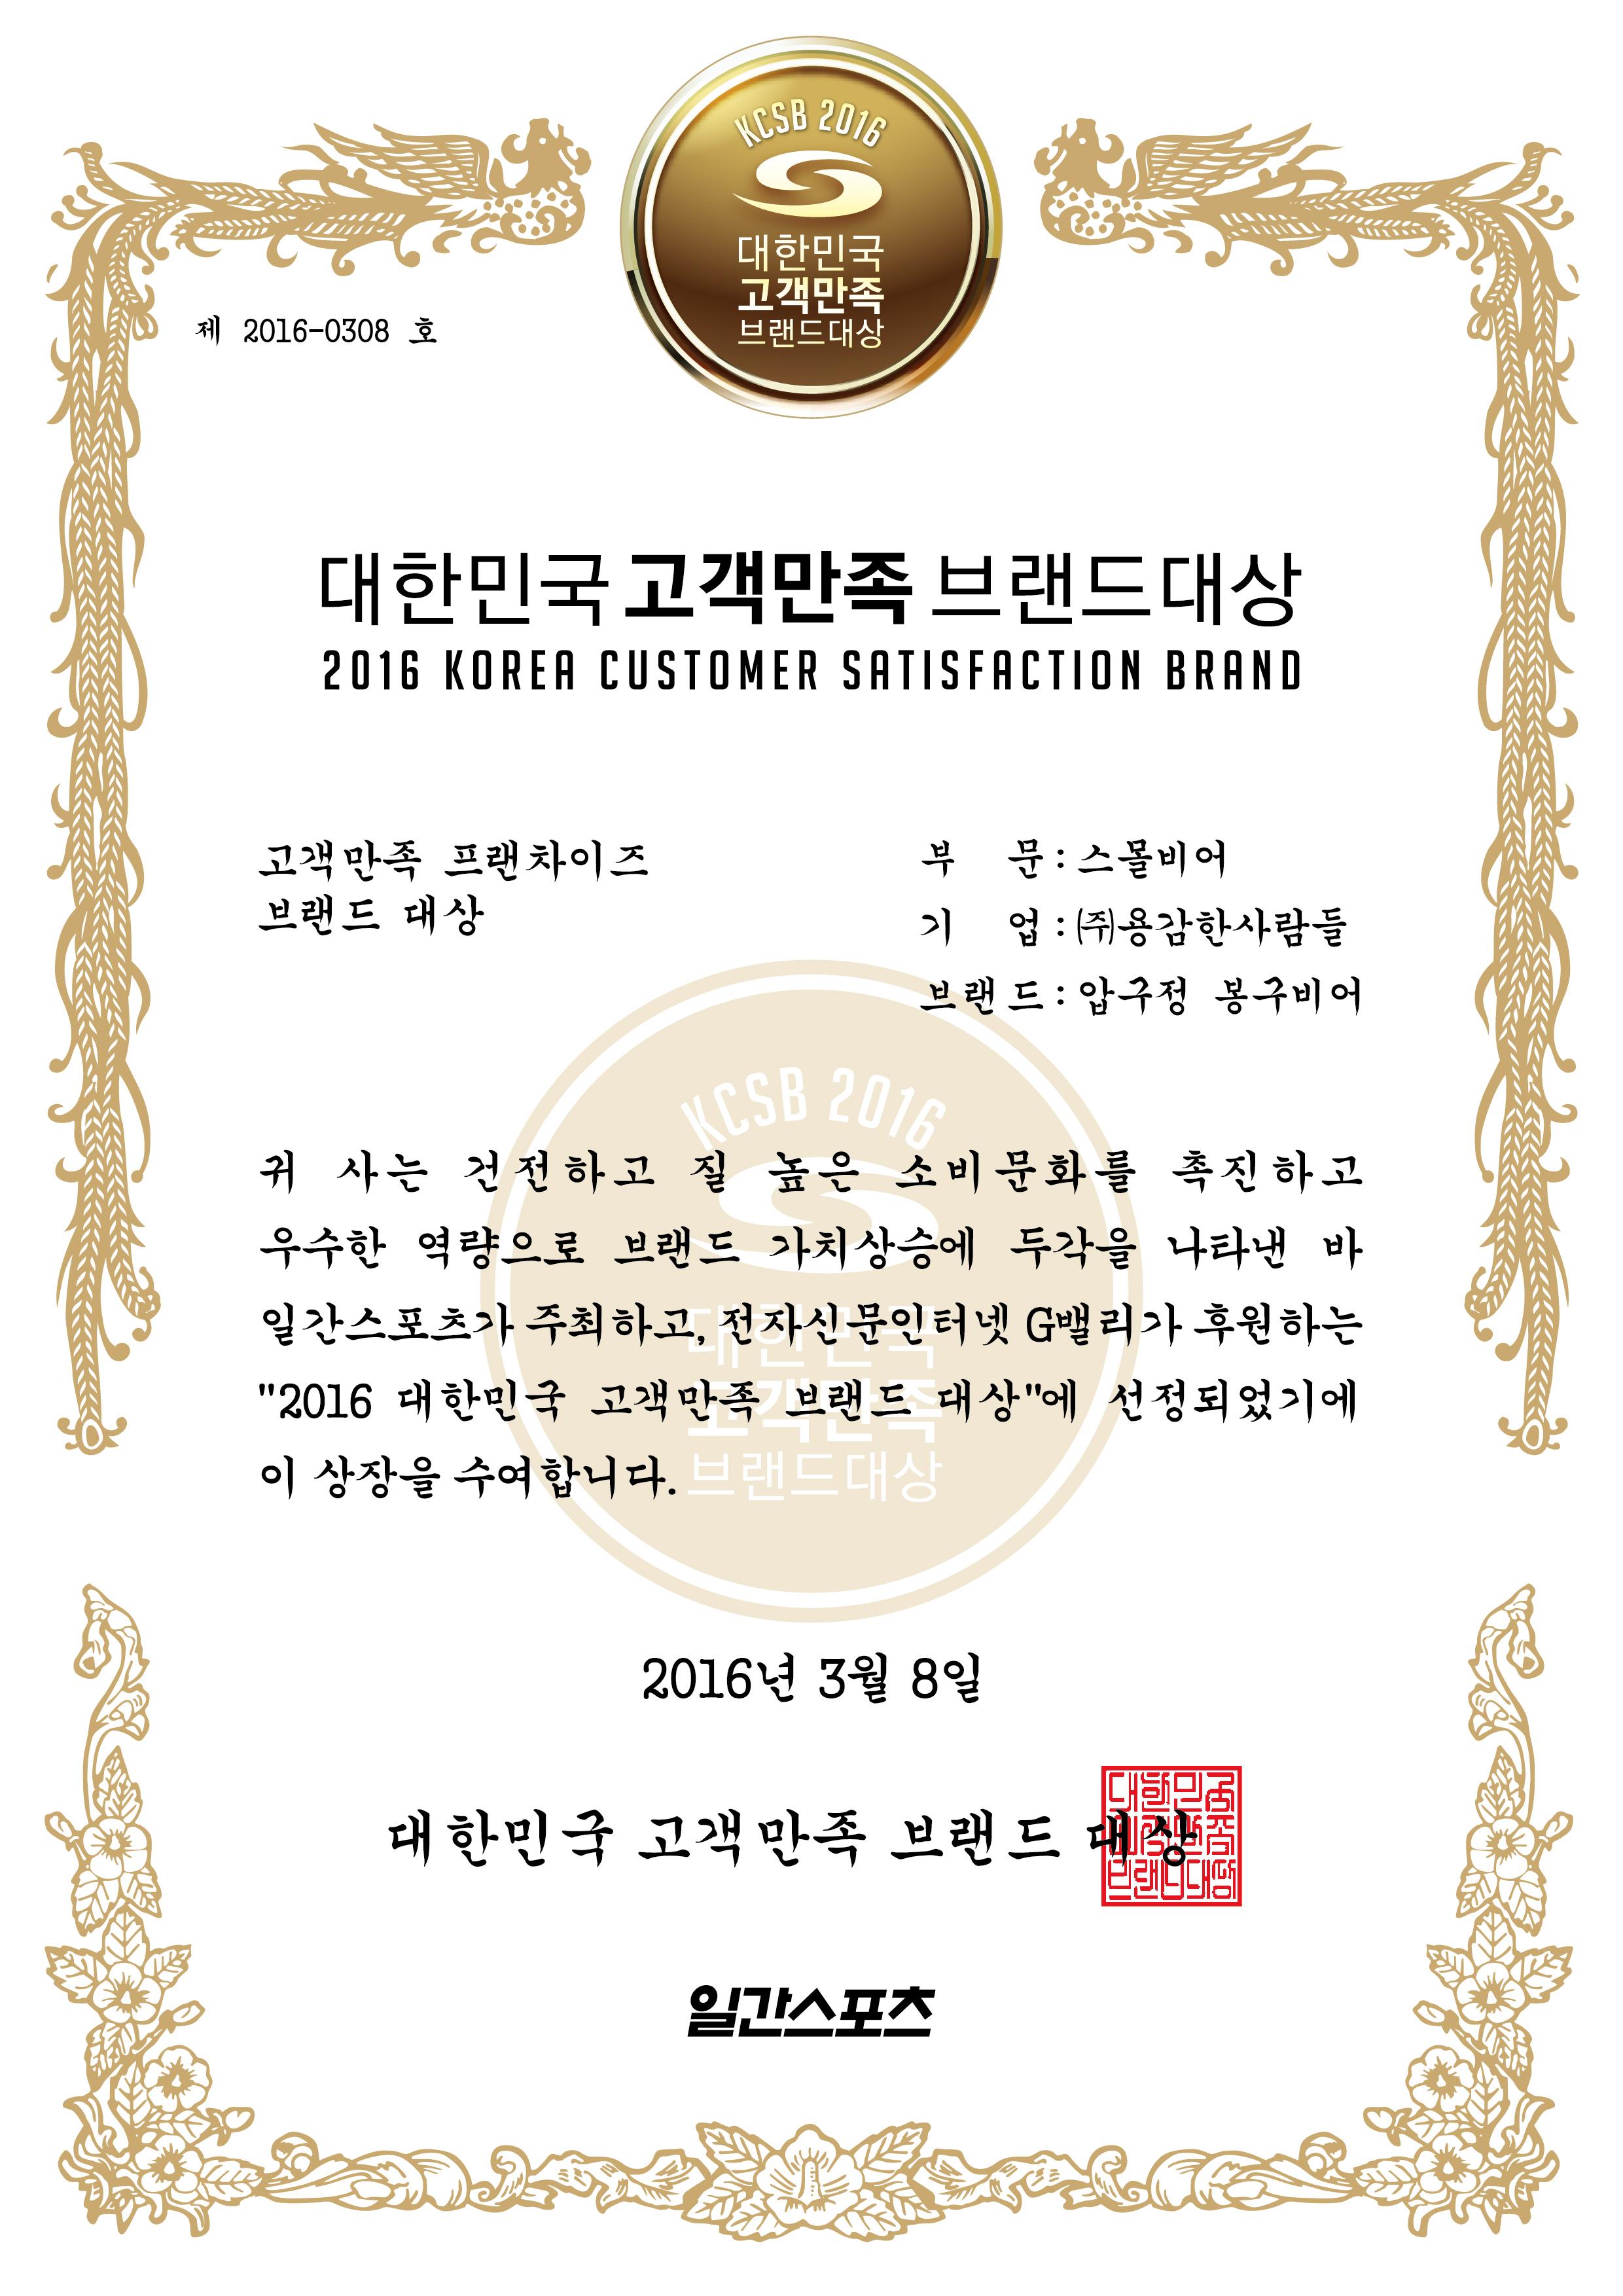 KCSB_2016_상장_압구정 봉구비어.jpg